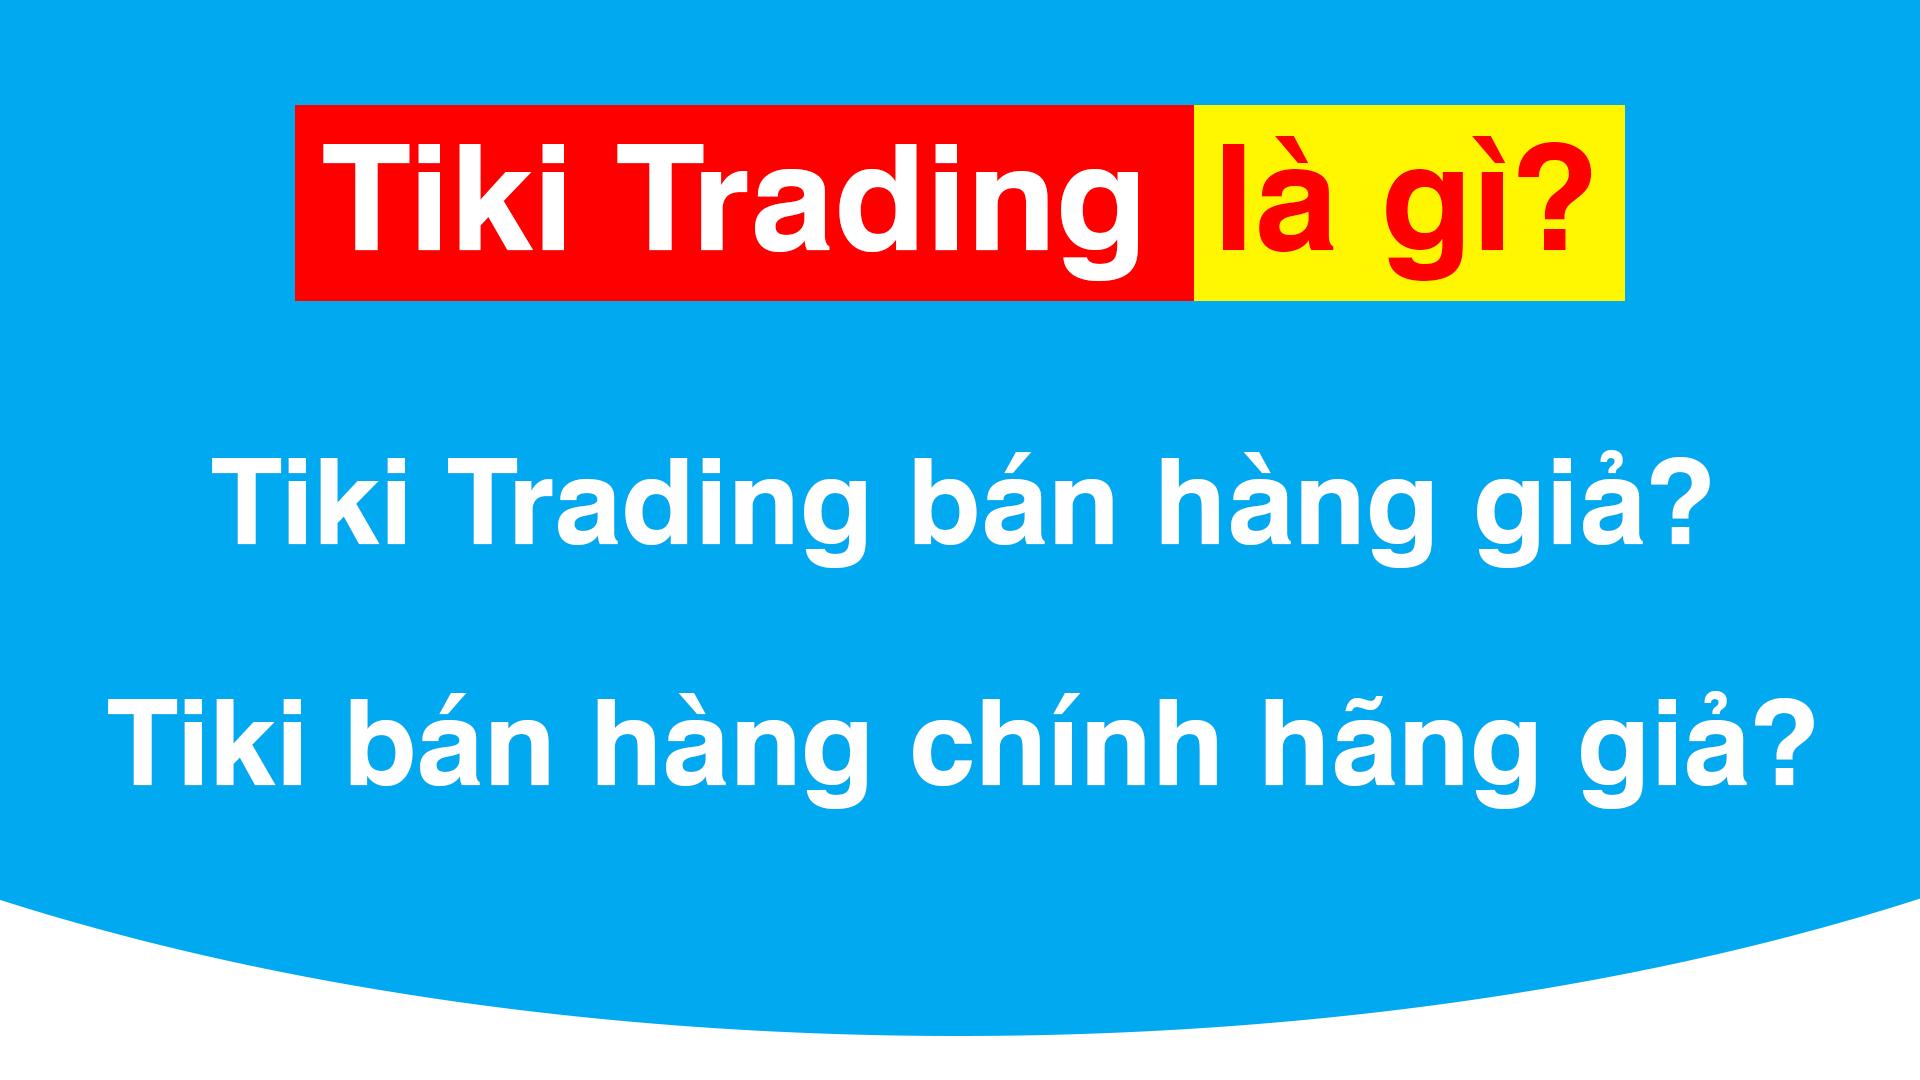 Tiki Trading là gì? Tại Sao Nên Mua Hàng Tiki Trading?